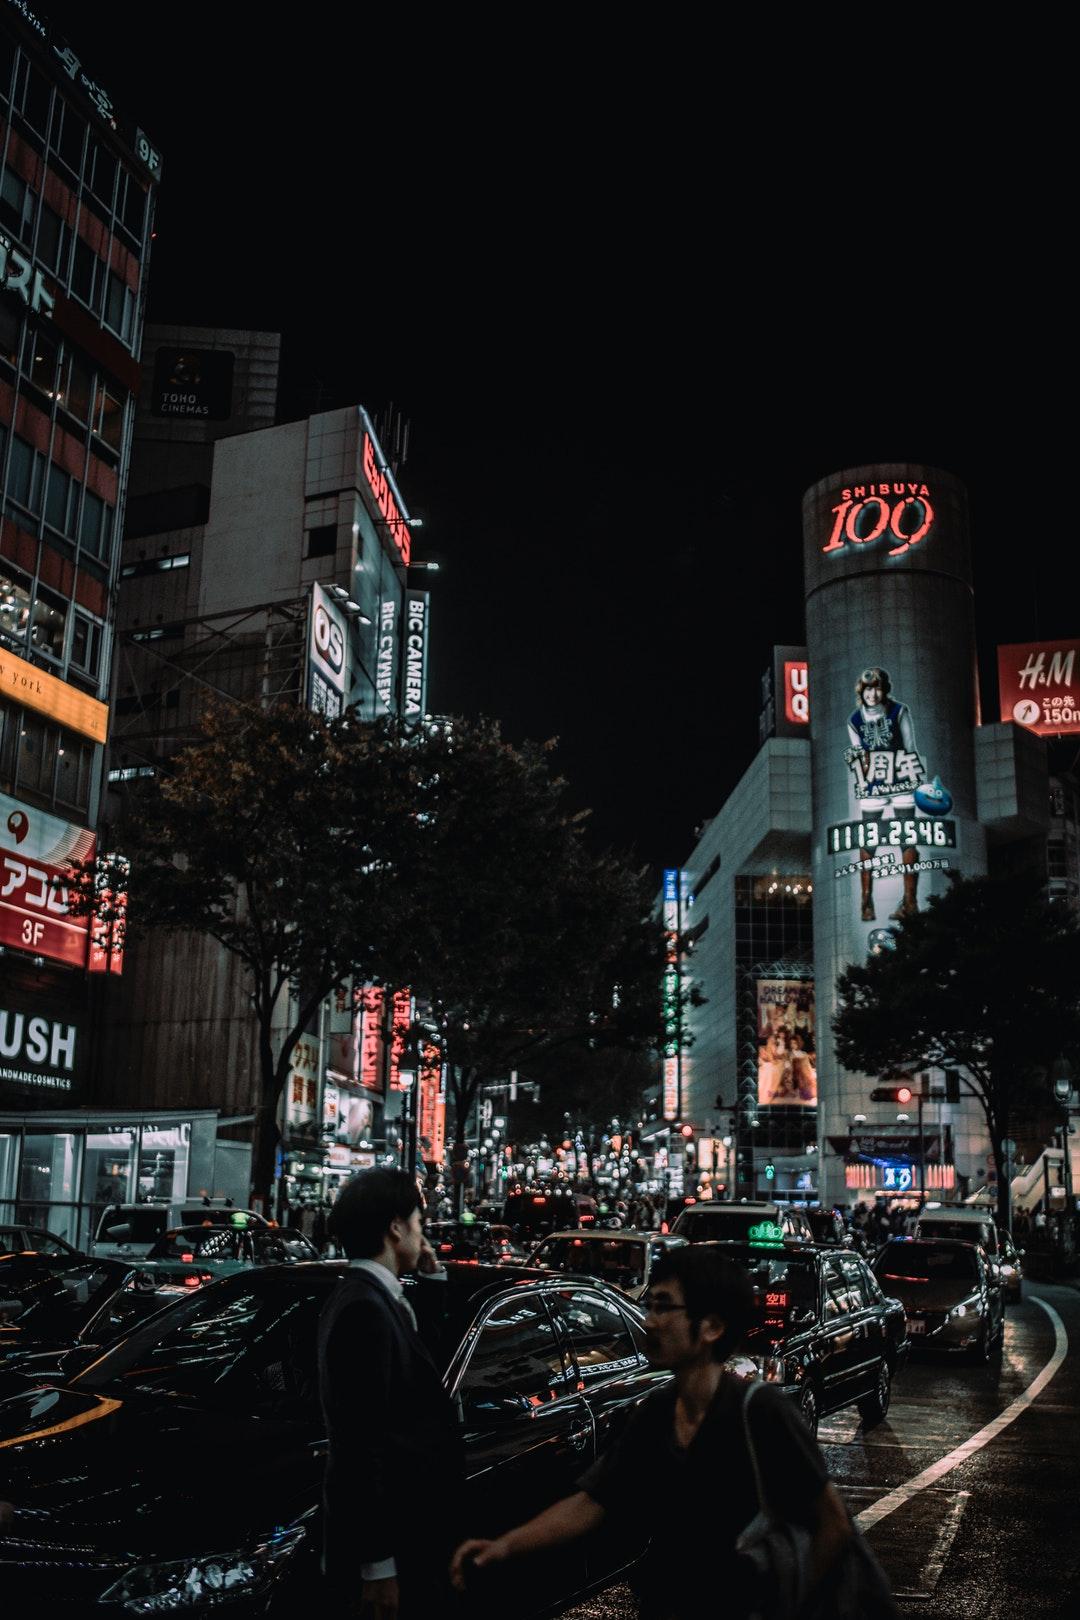 渋谷のデートでおすすめの居酒屋特集!個室のおしゃれな人気店をご紹介!